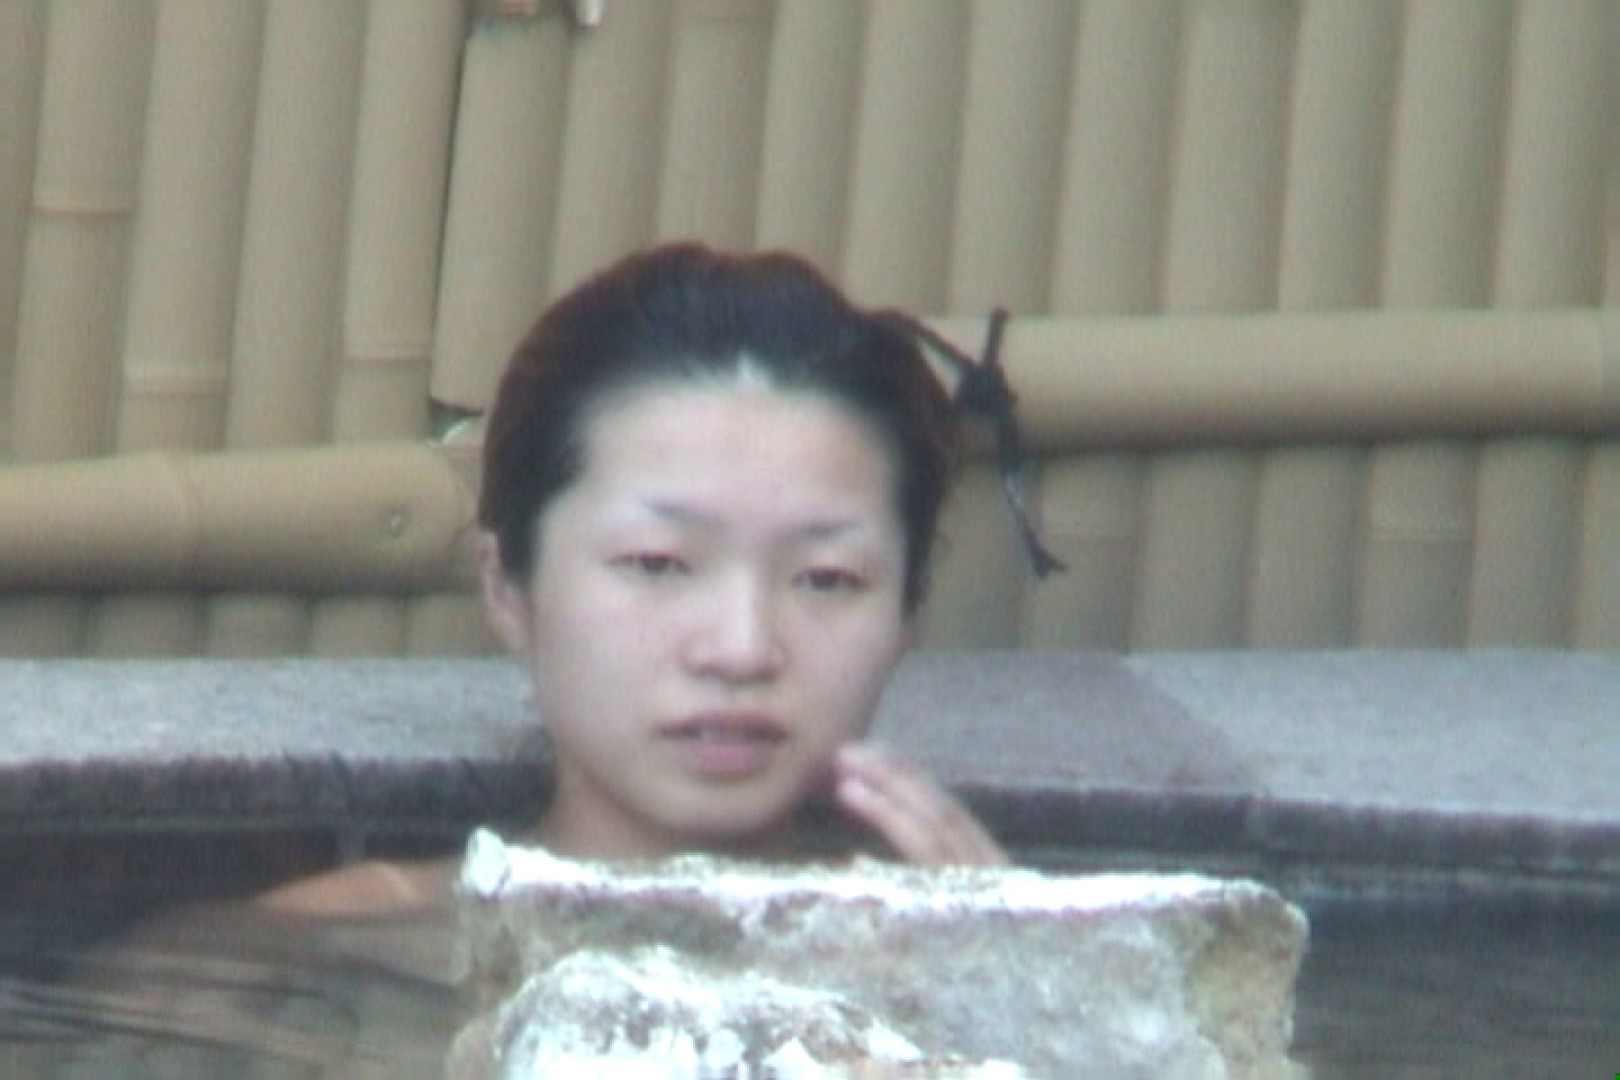 Aquaな露天風呂Vol.571 盗撮  83画像 27